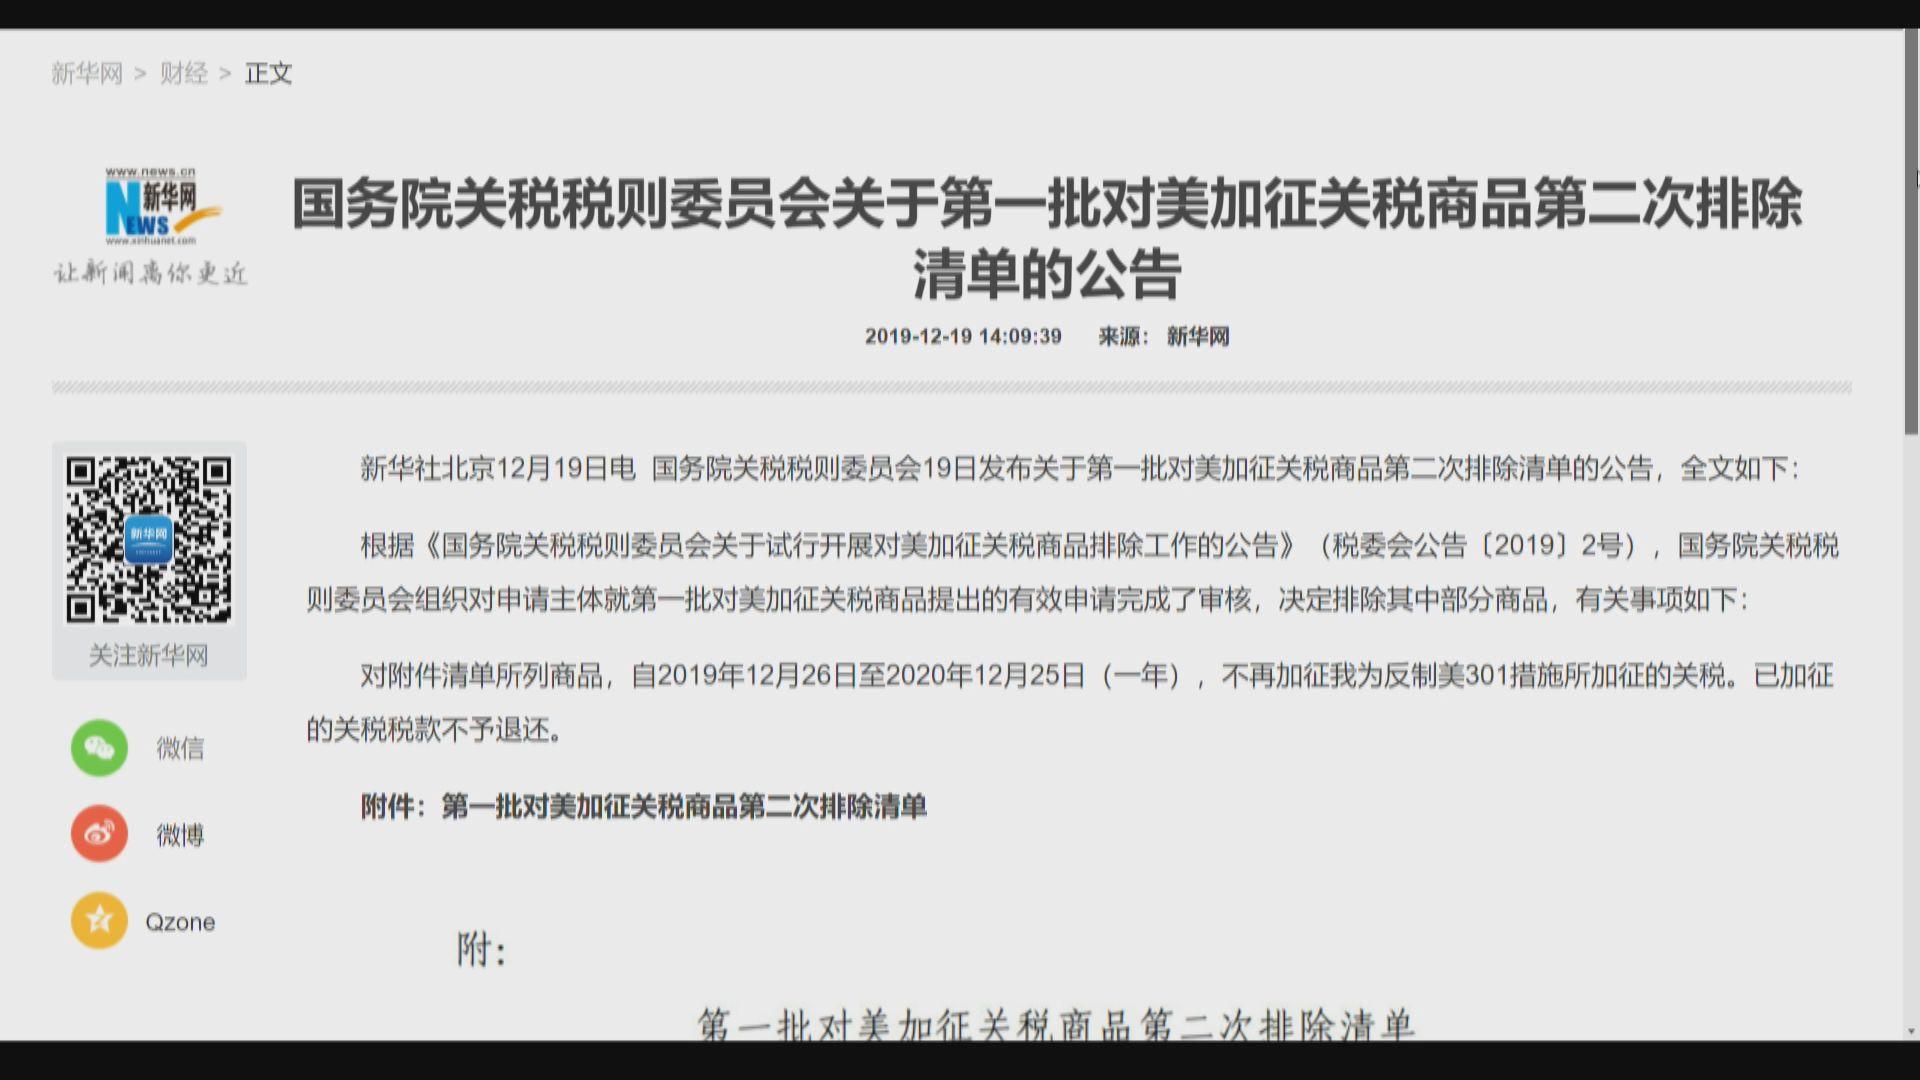 【中美貿戰】國務院公布最新豁免對美商品加徵關稅清單